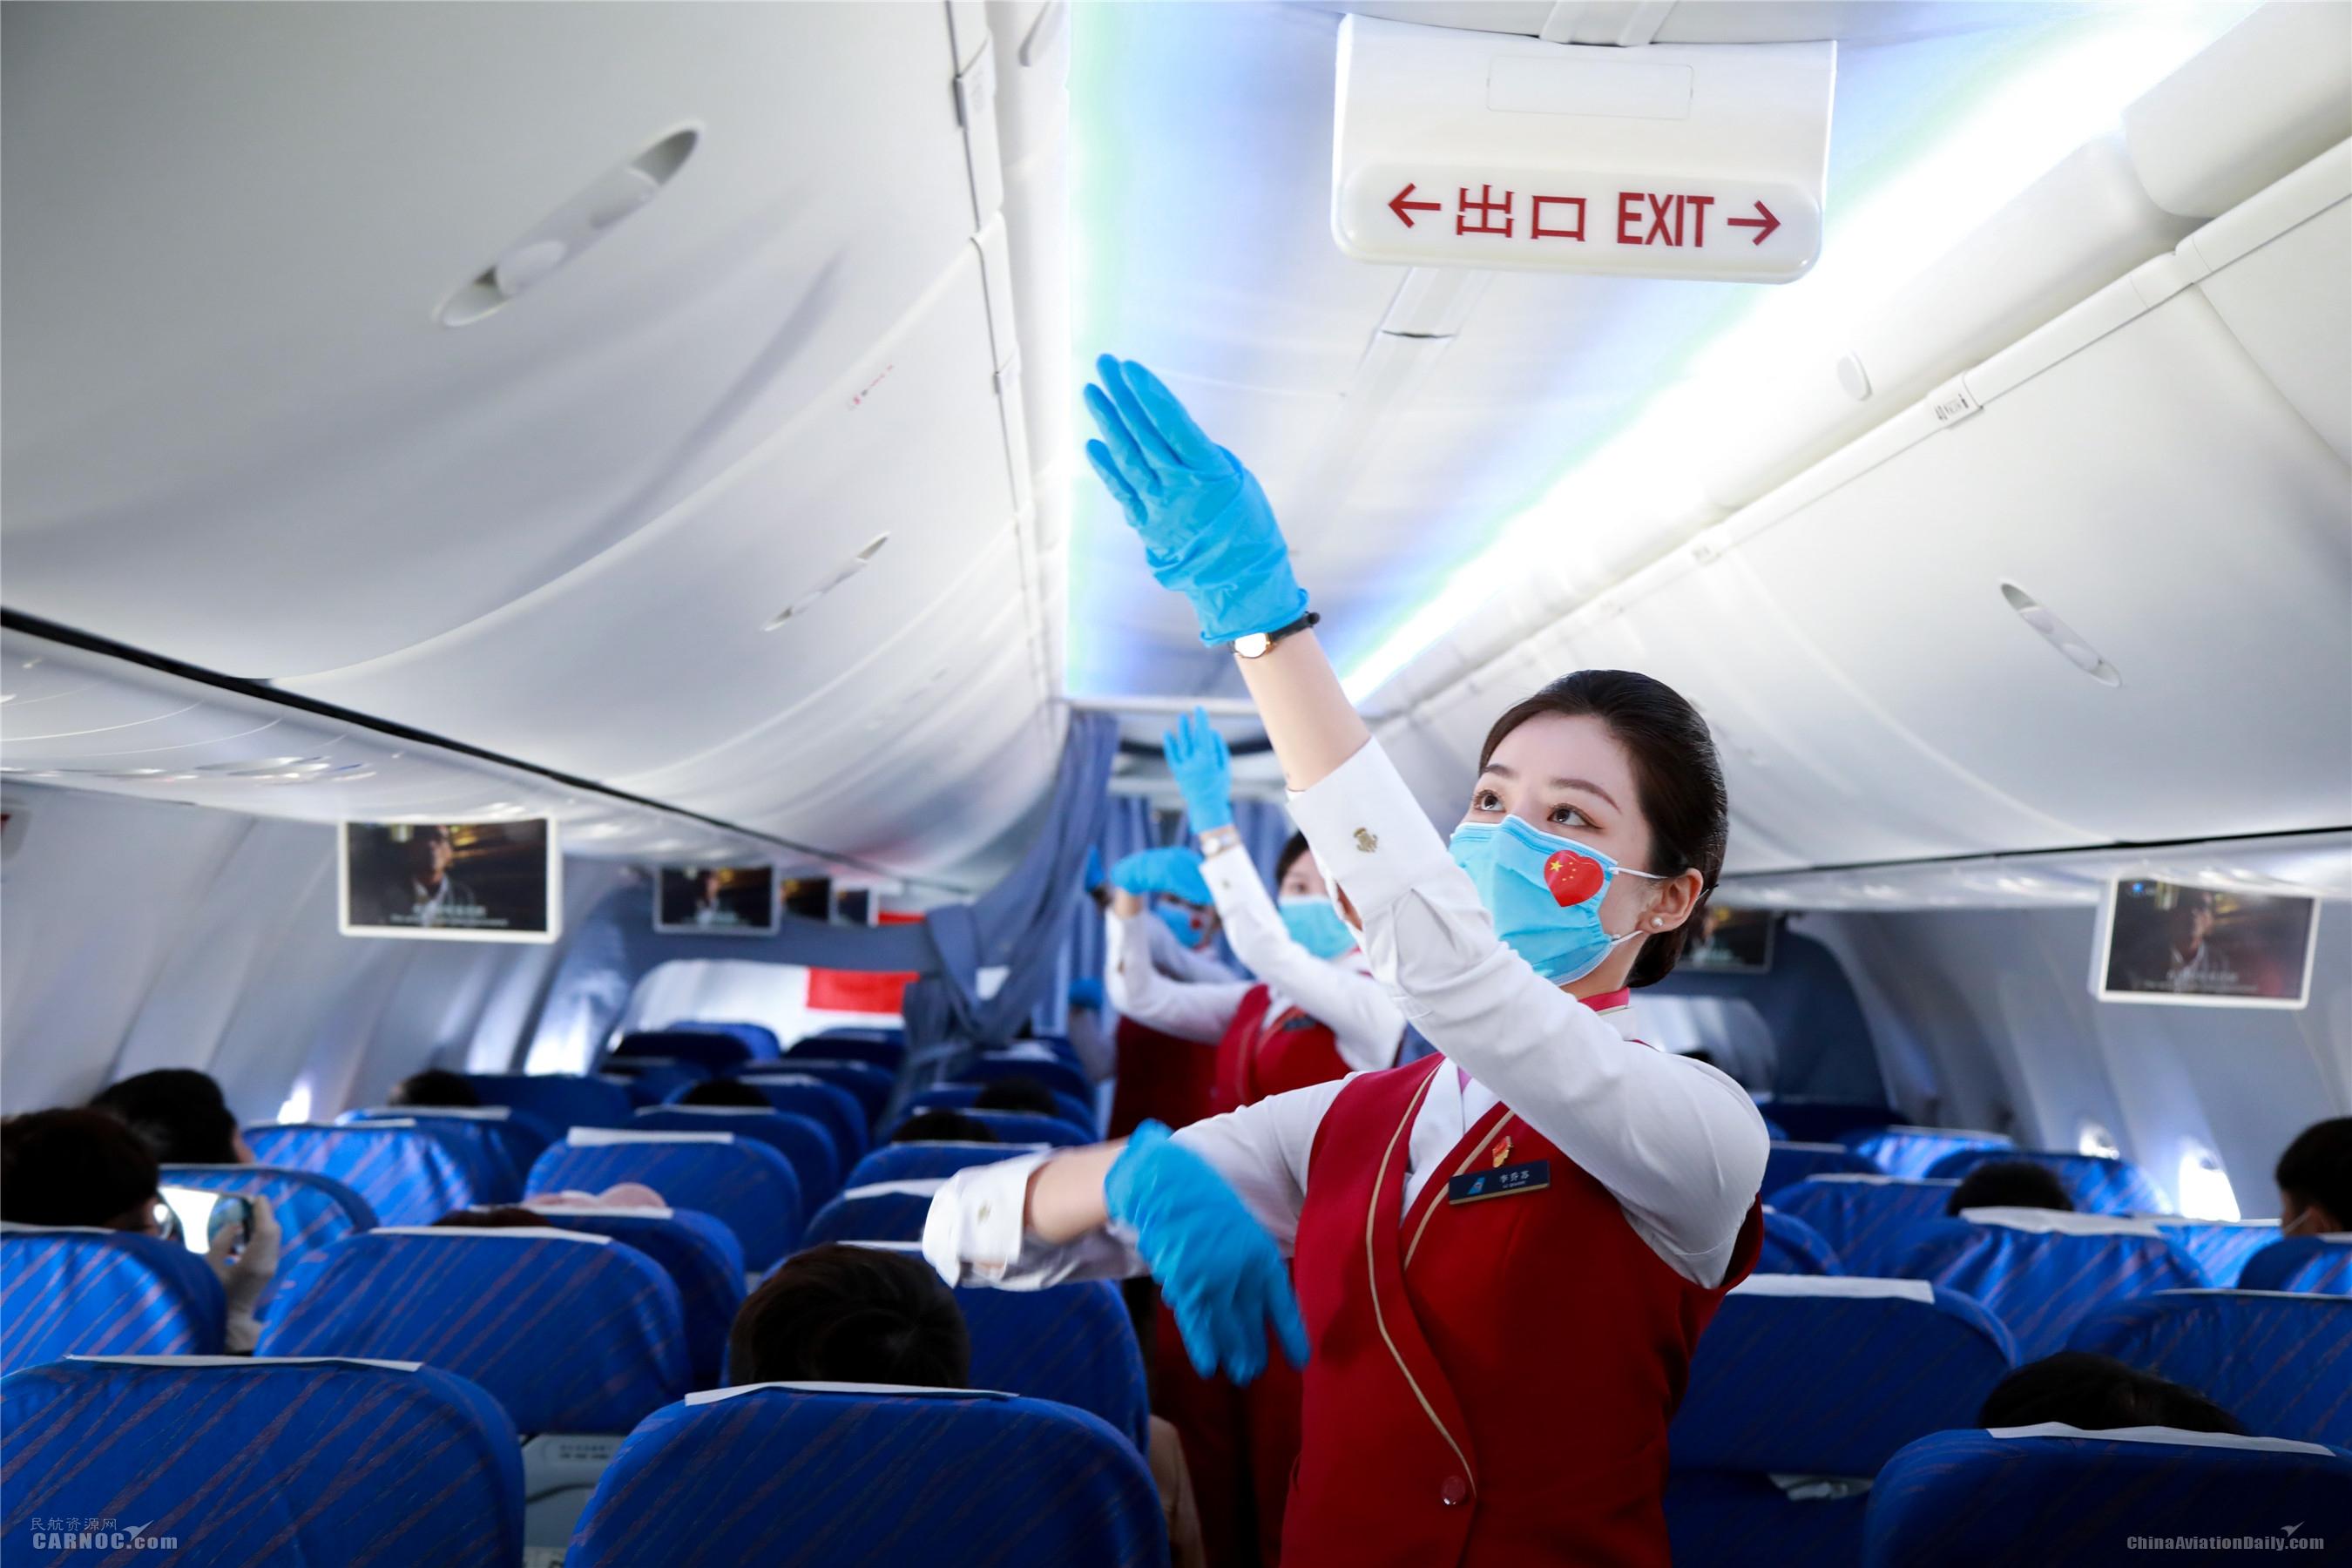 图片 4月13日贵阳直飞北京大兴正班成功首航